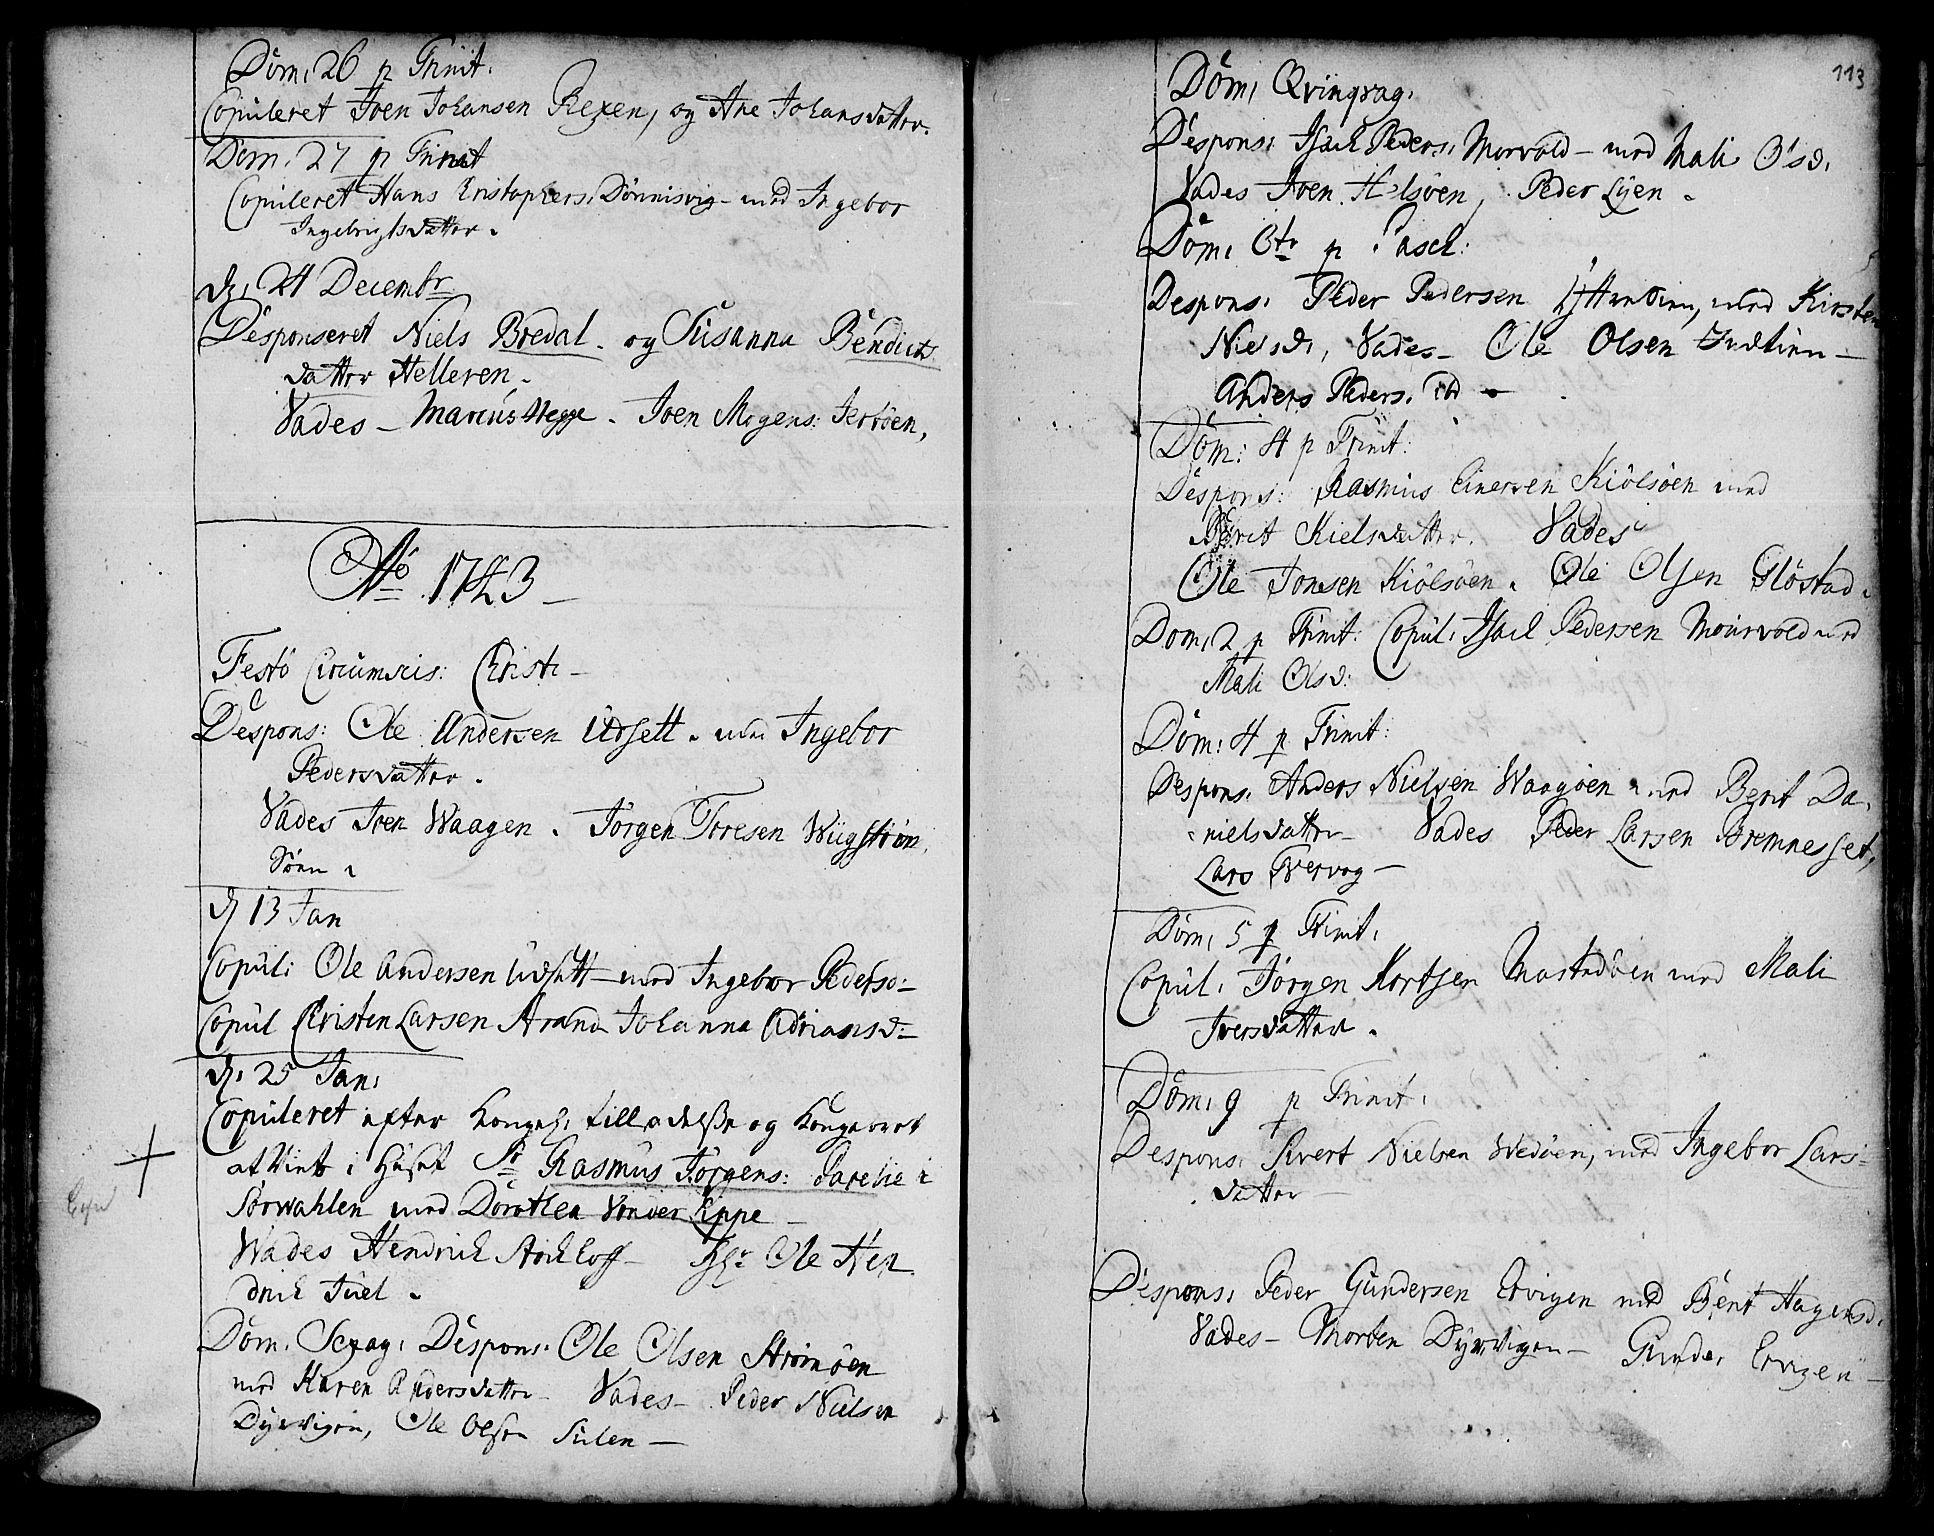 SAT, Ministerialprotokoller, klokkerbøker og fødselsregistre - Sør-Trøndelag, 634/L0525: Ministerialbok nr. 634A01, 1736-1775, s. 113